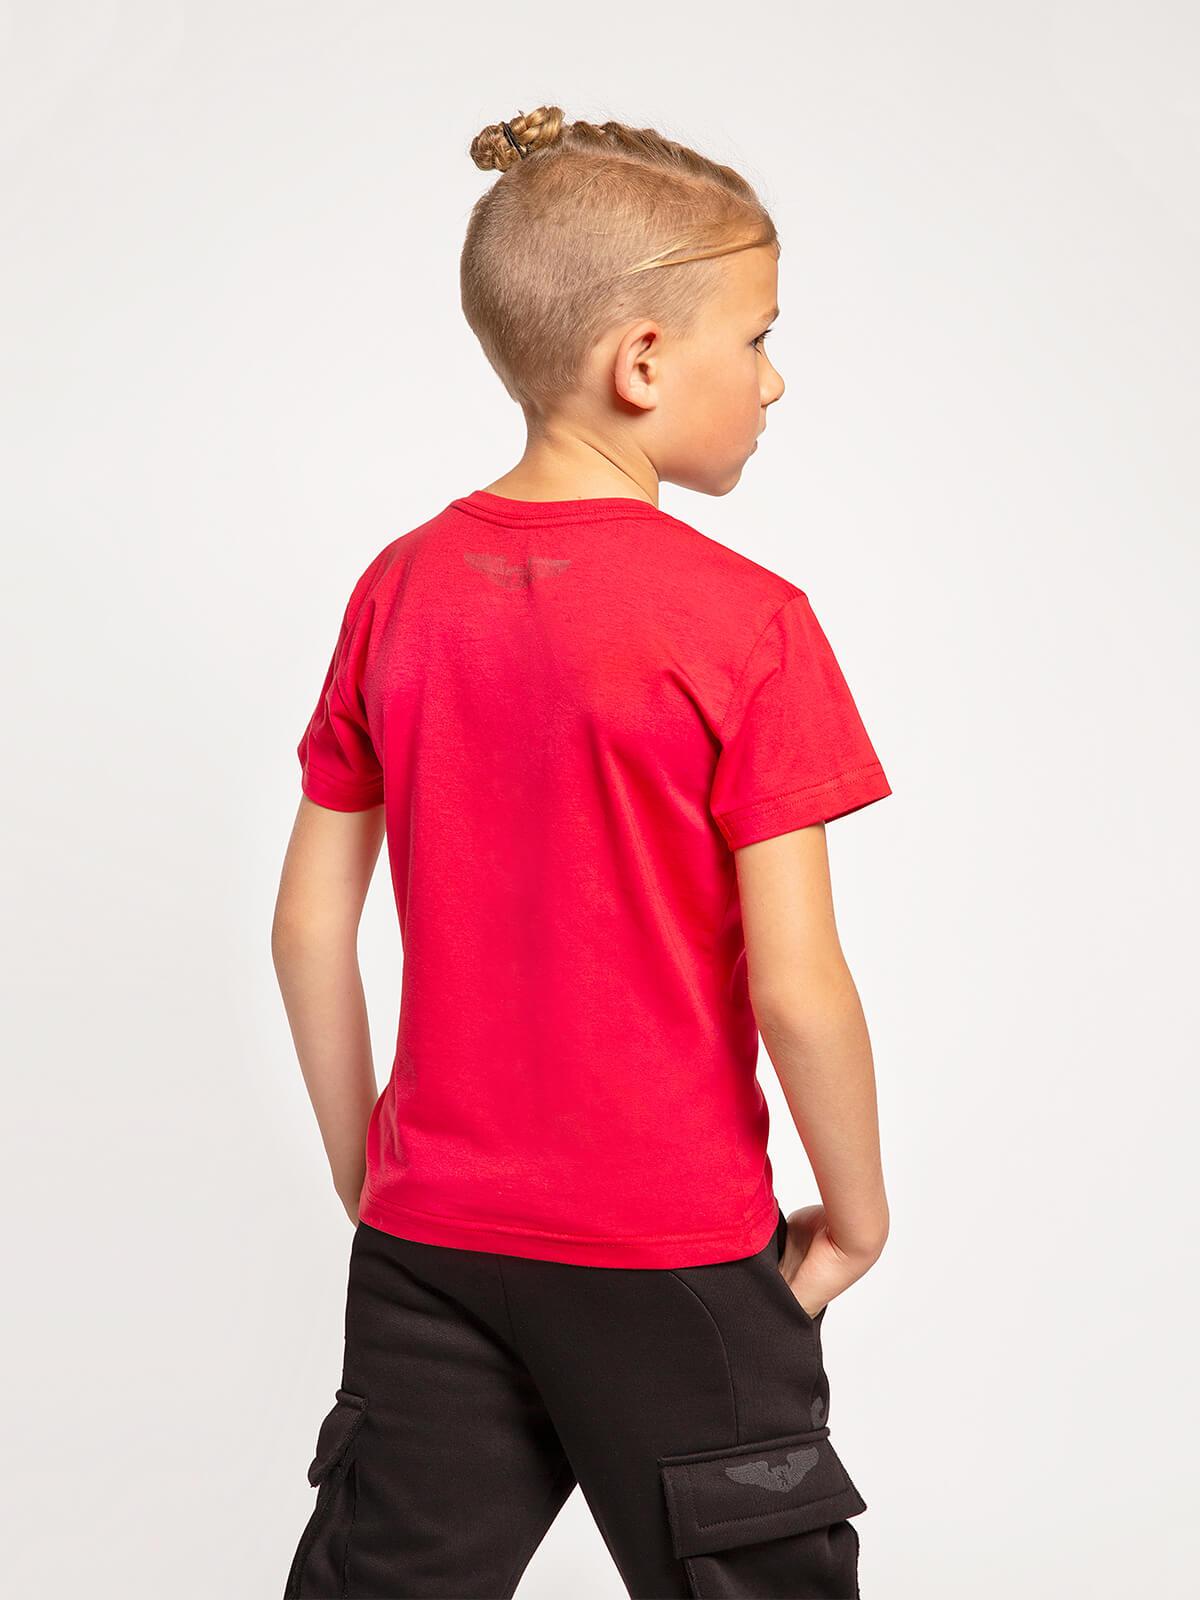 Дитяча Футболка Mars. Колір червоний.  Матеріал: 95% бавовна, 5% спандекс.